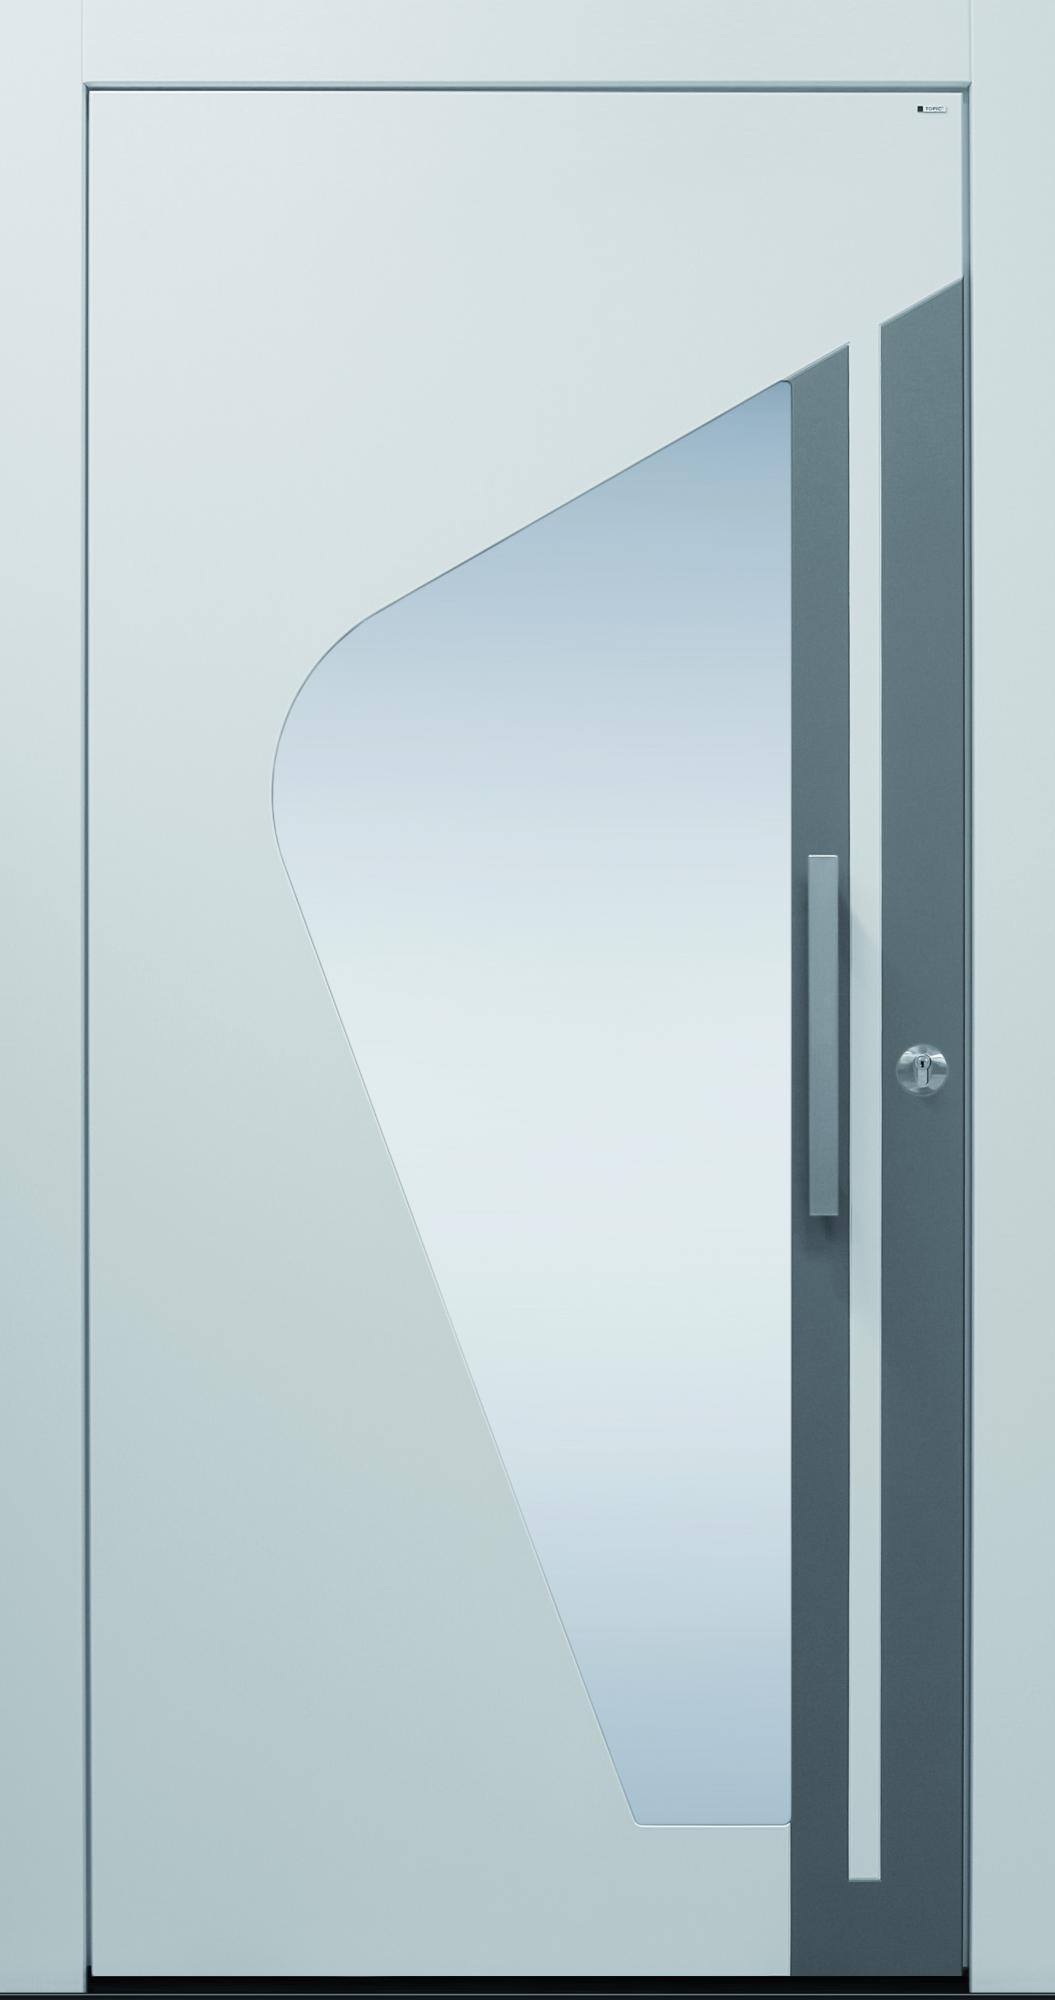 Haustüren modern grau  TOPIC - Haustüren von Meisterhand TOPIC Haustüren u. Wohnungstüren ...